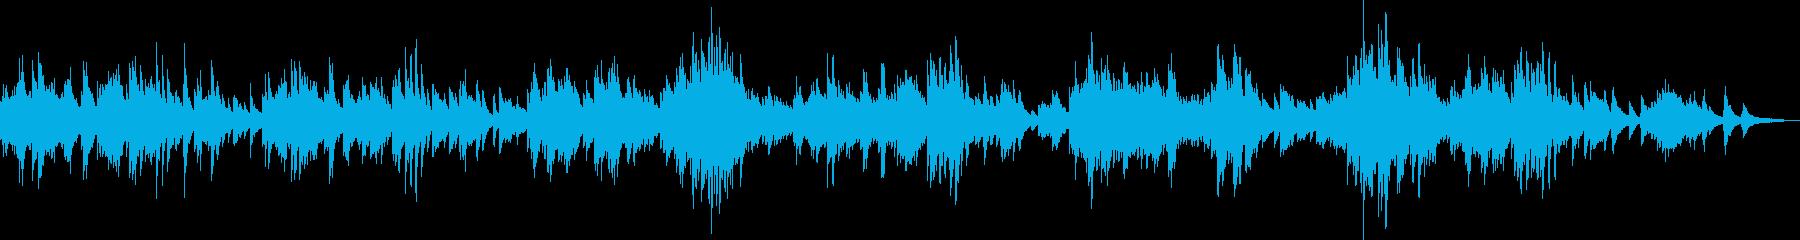 温かくて切ないピアノバラード(優しい)の再生済みの波形